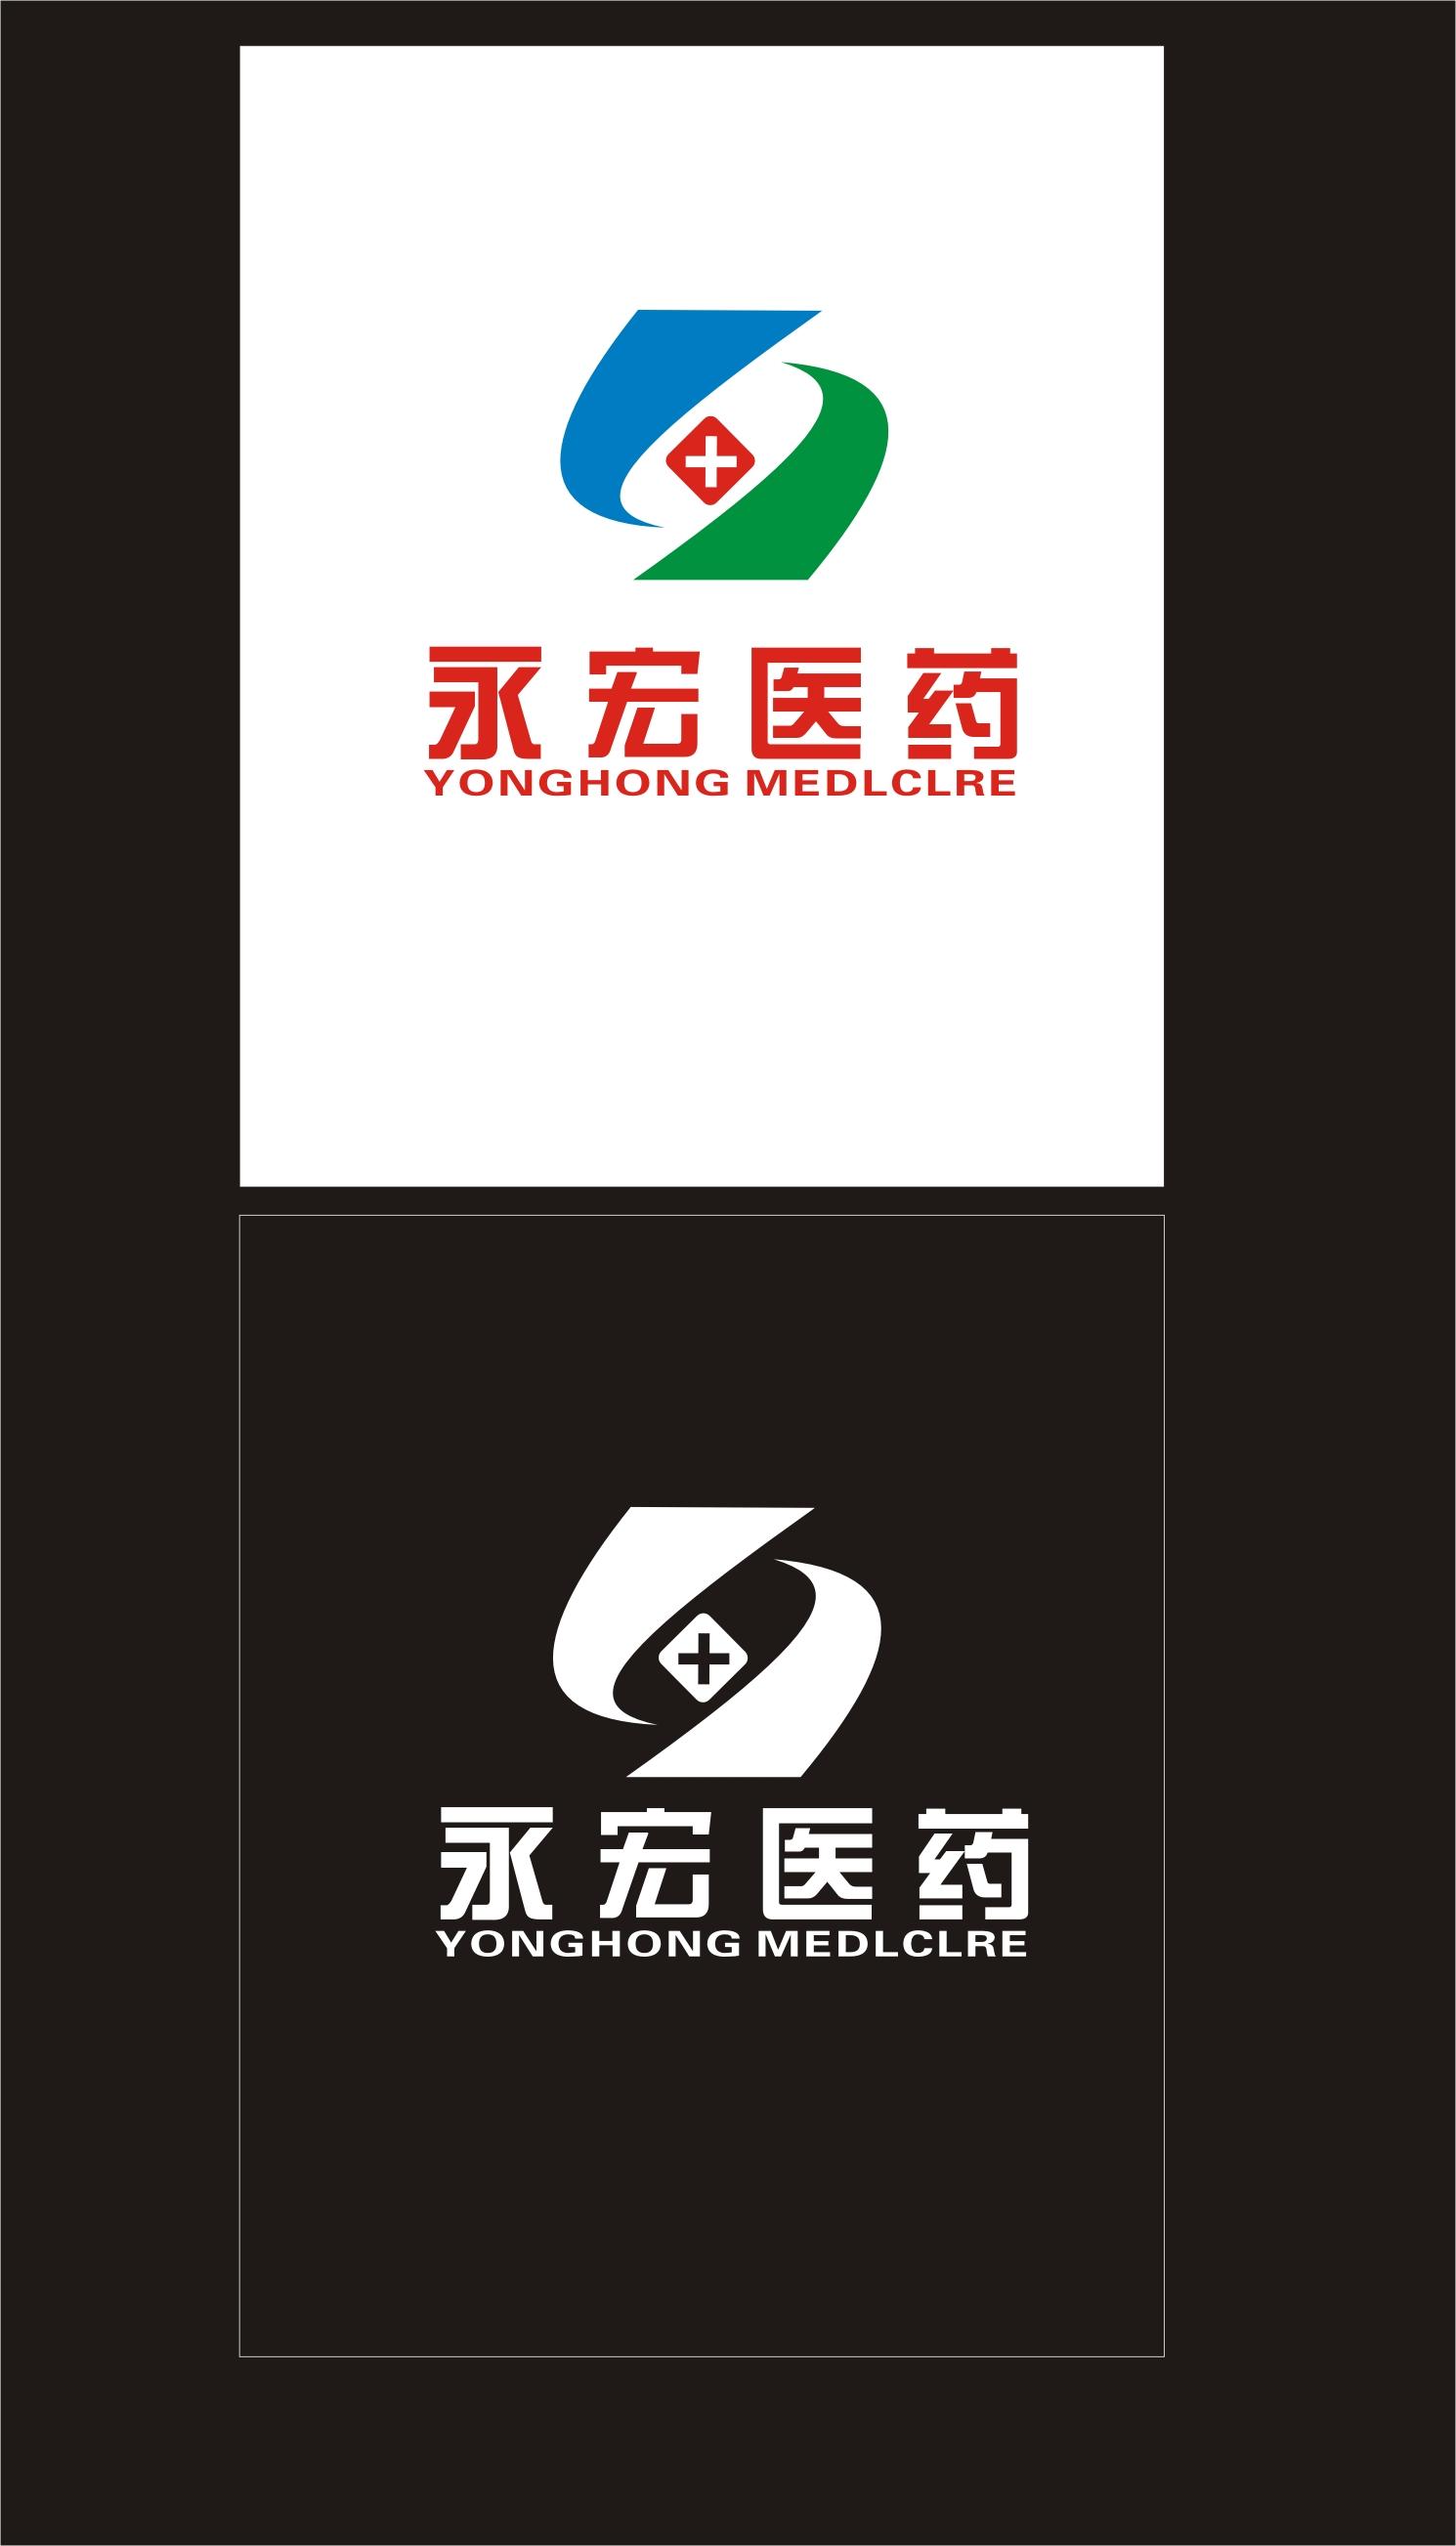 设计一个宁夏医药贸易公司的logo图案